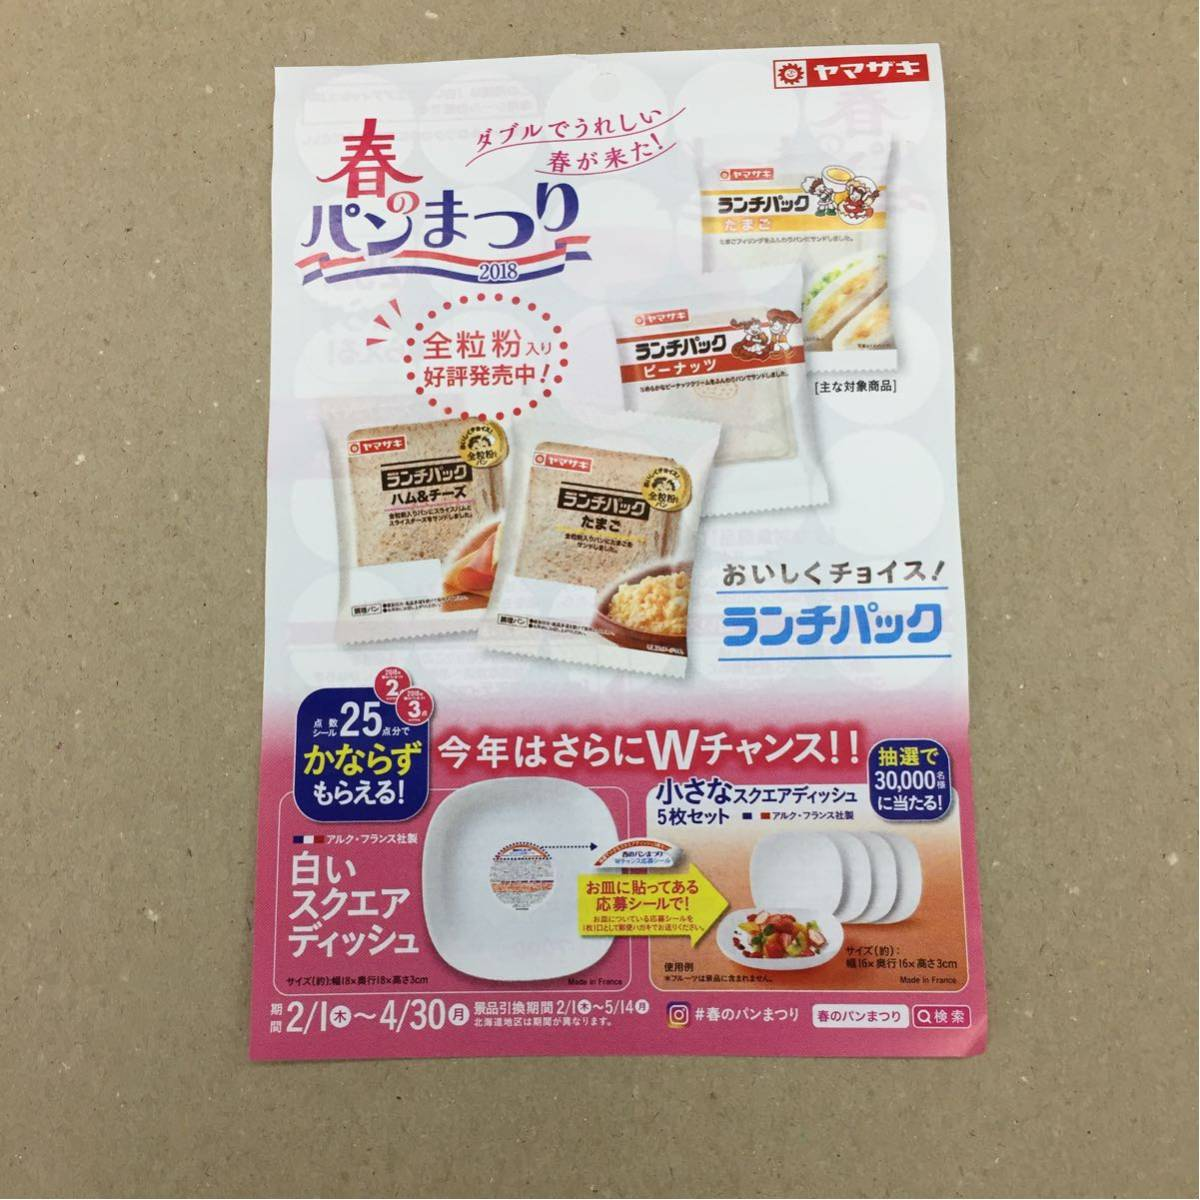 ヤマザキ春のパンまつり2018応募シ-ル25点_画像2